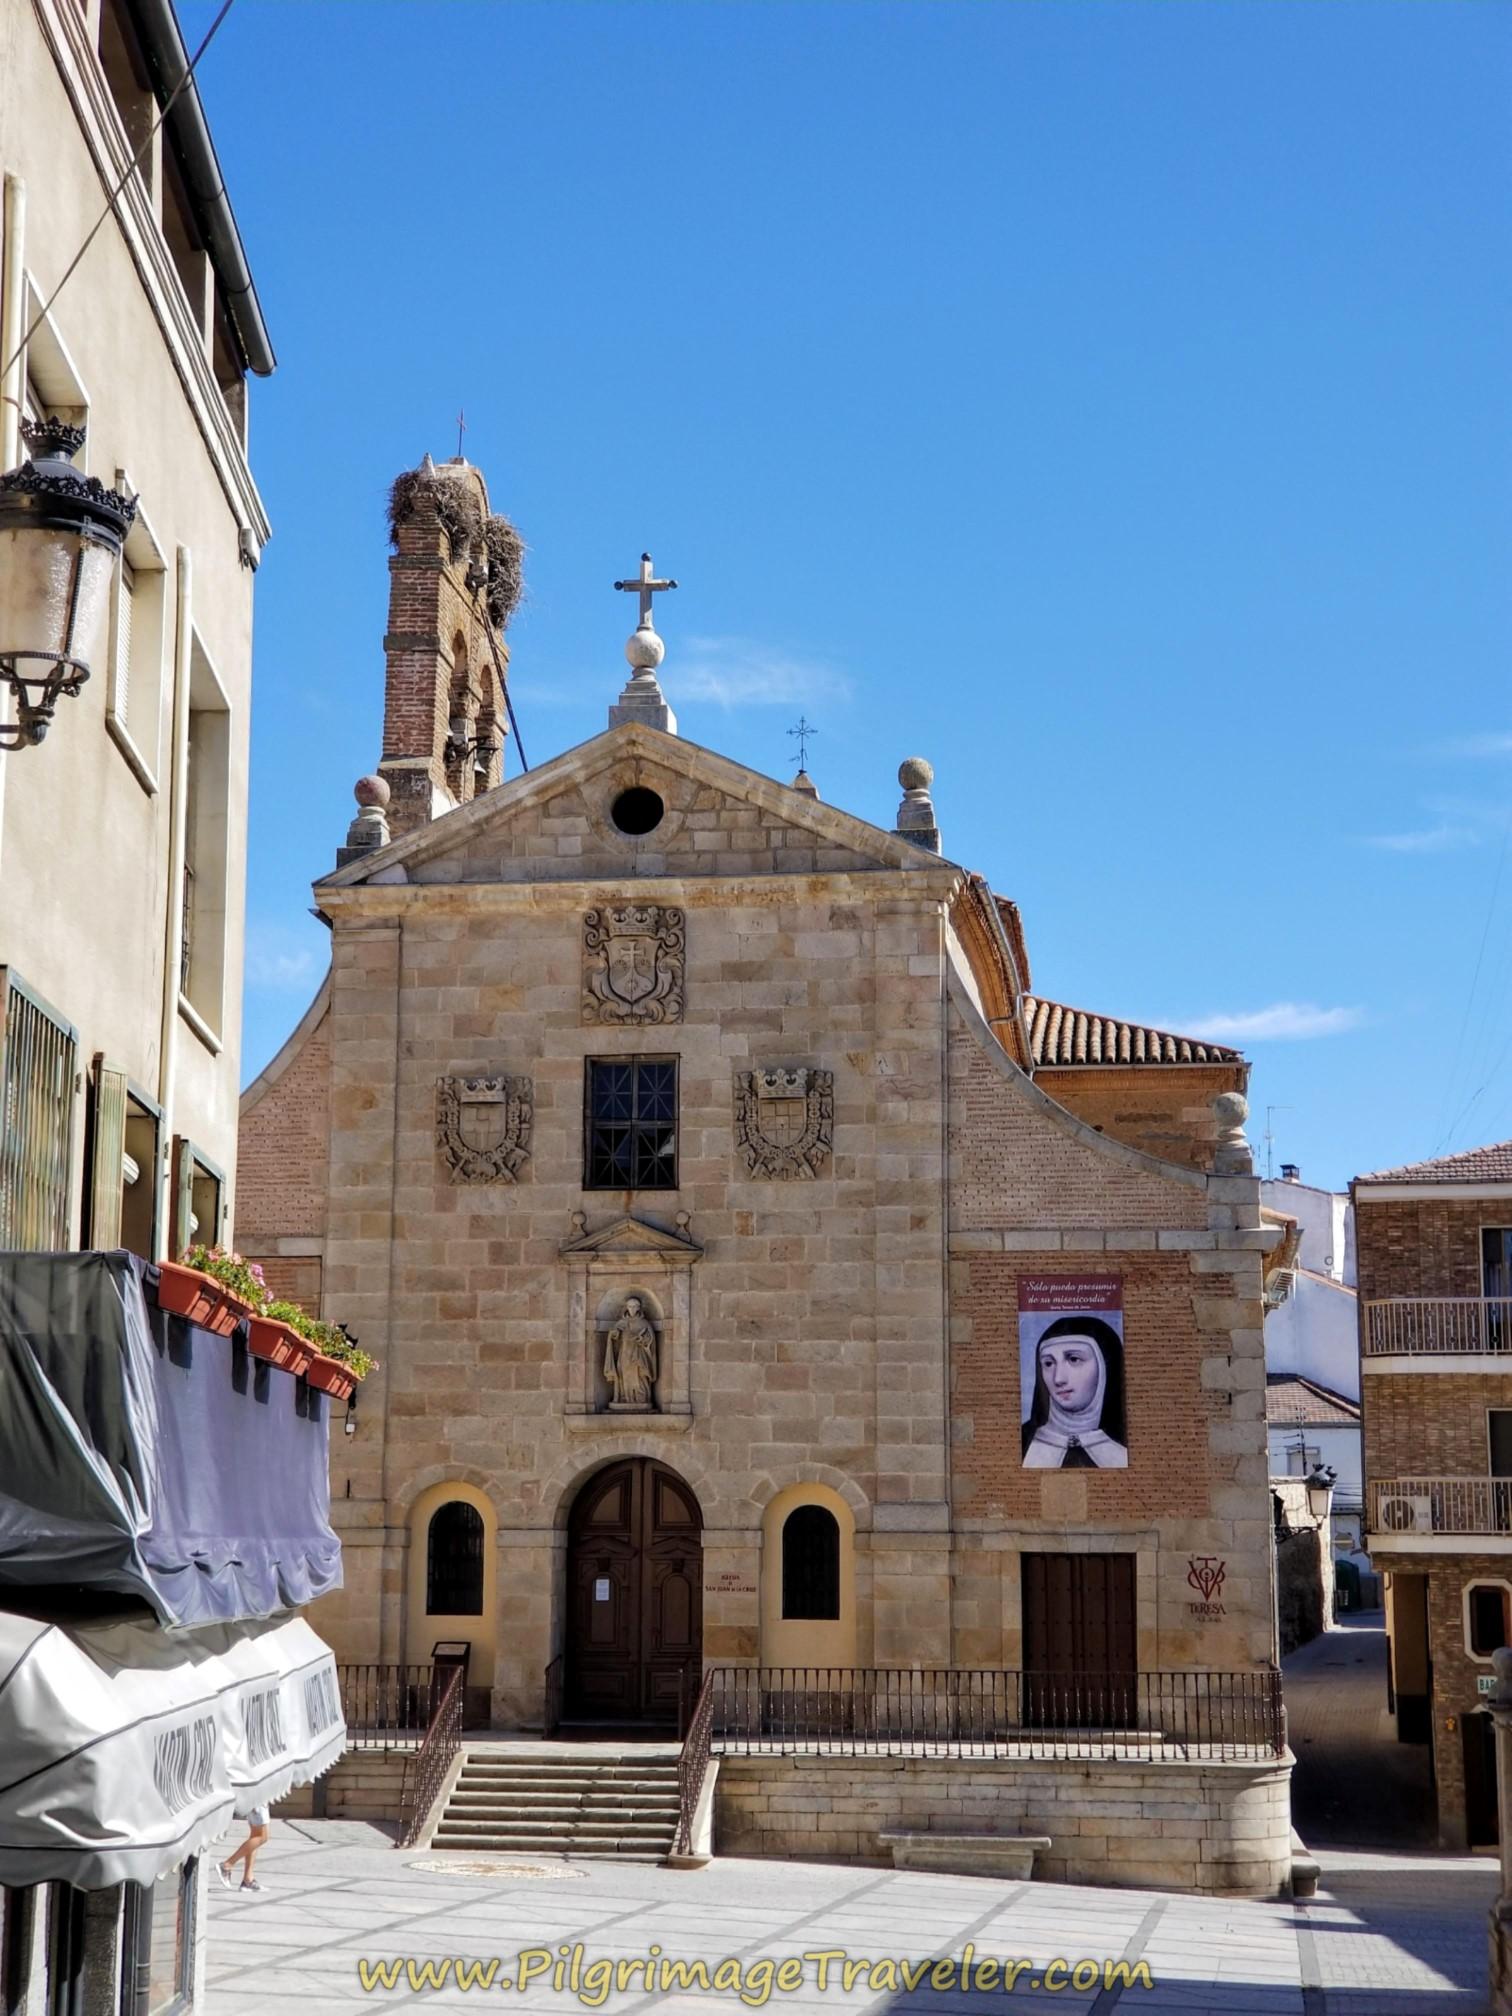 Iglesia de San Juan de la Cruz in the Plaza Santa Teresa in Alba de Tormes